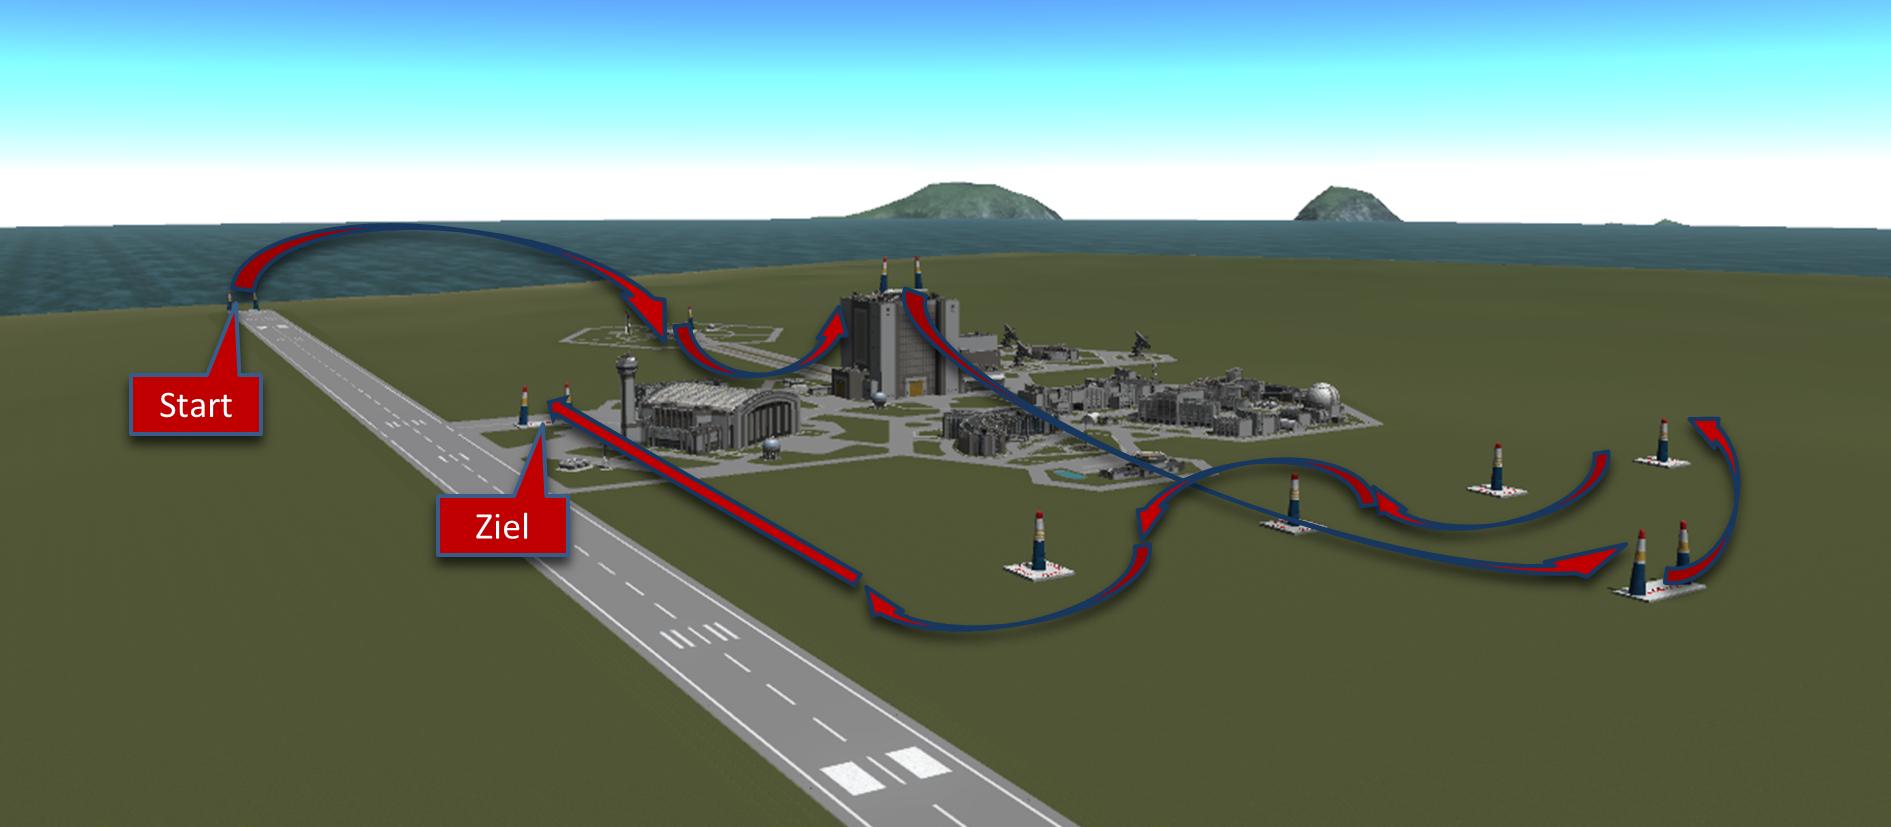 Kraken-Airrace Strecke 1